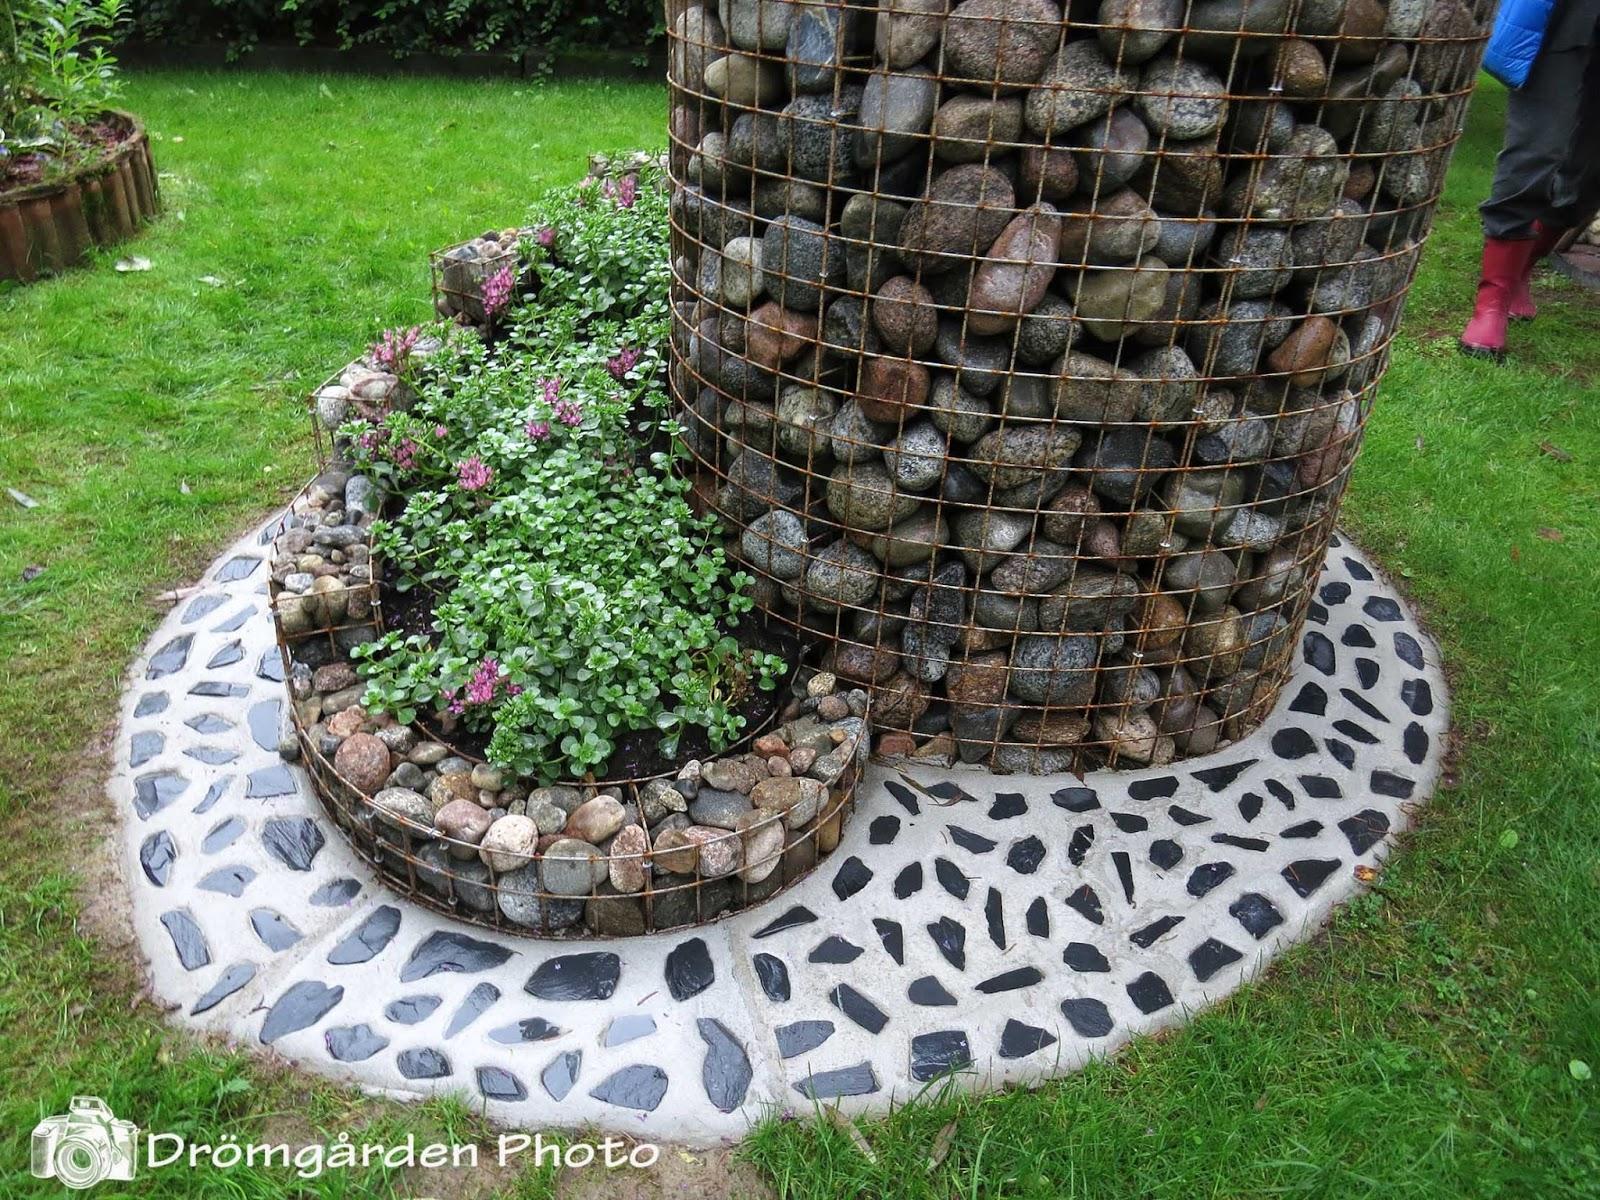 Drömgården: Lotta & Jyrki's trädgård